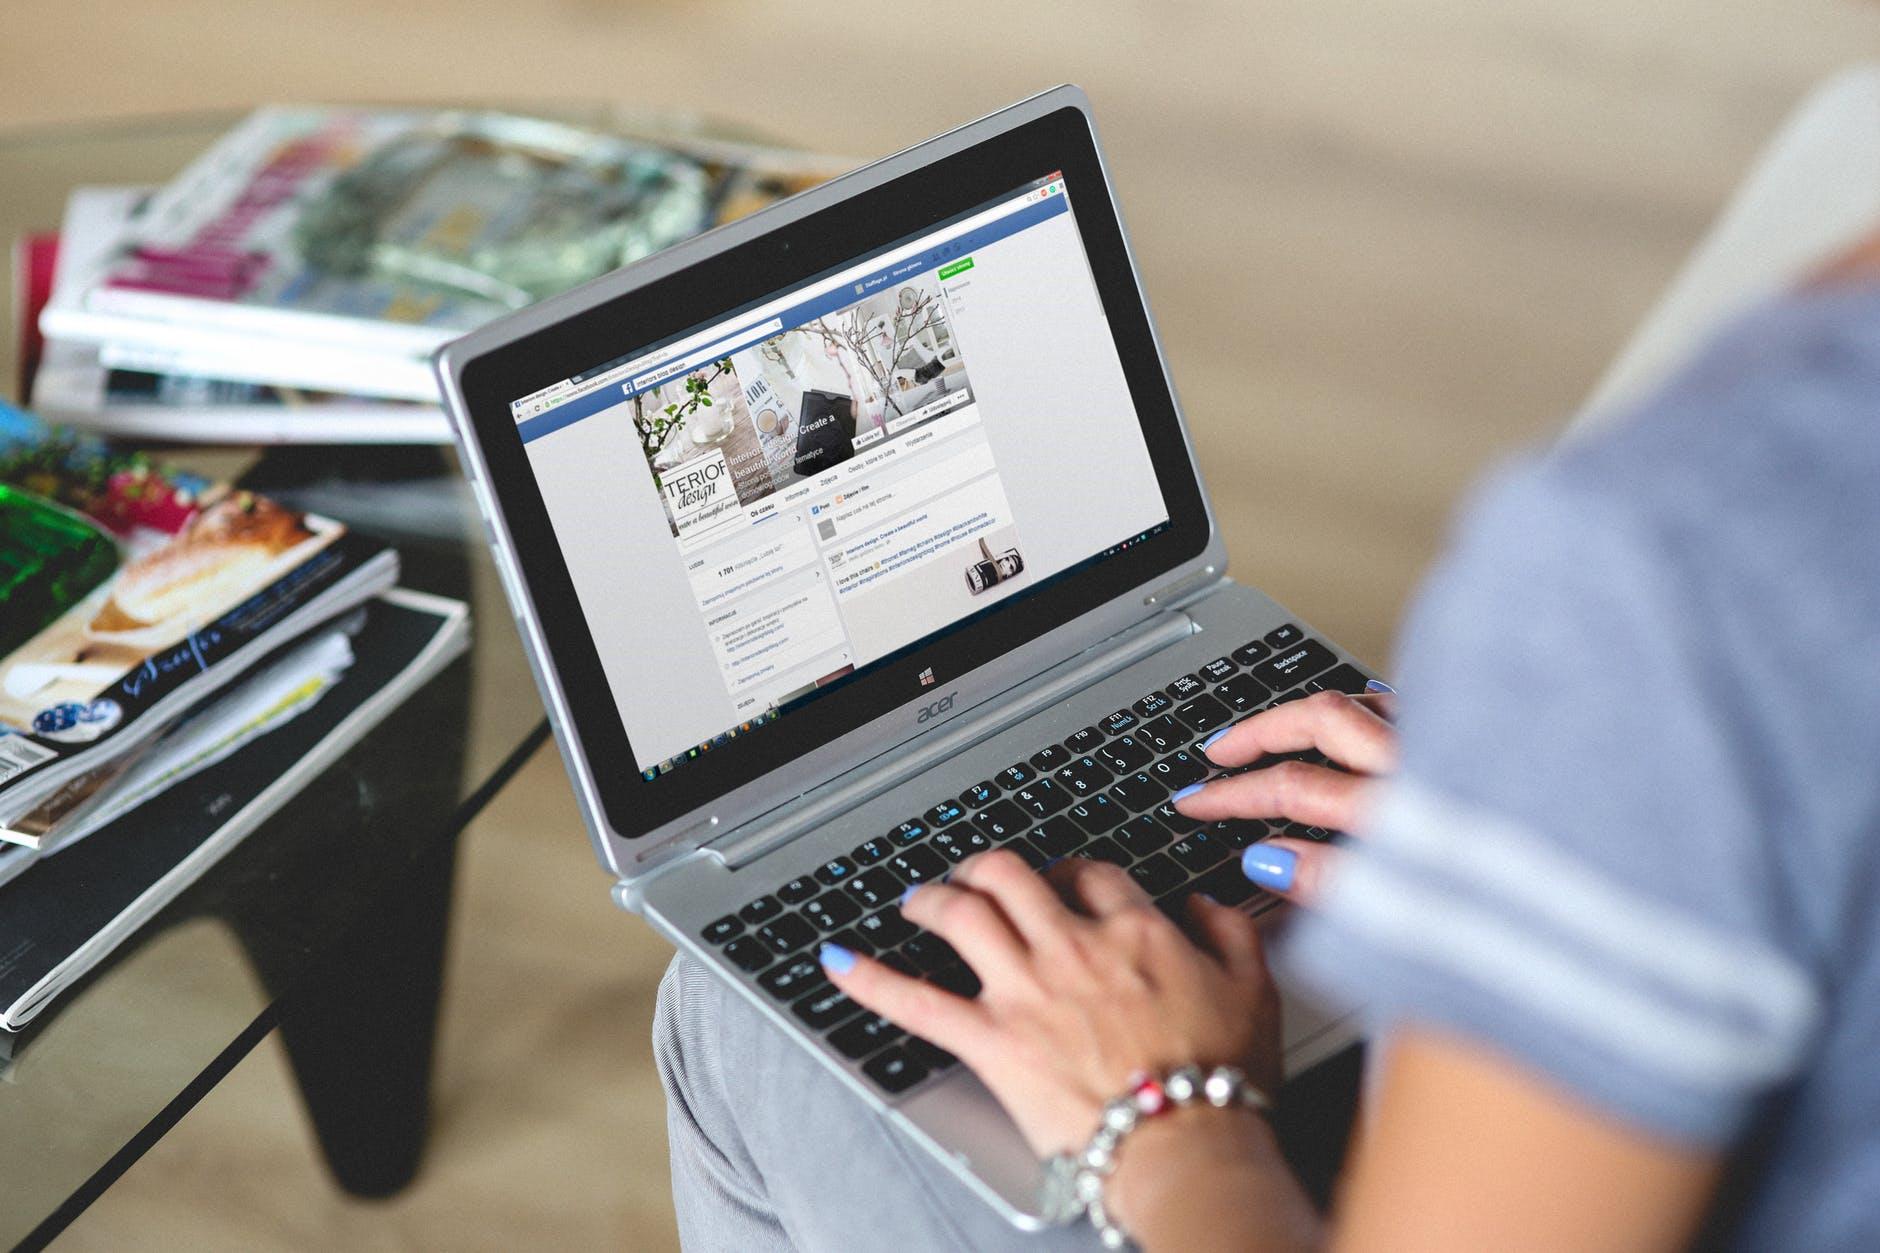 marketing-digital-facebook-robotizaçao-midias-sociais-joinville-suelen-correa